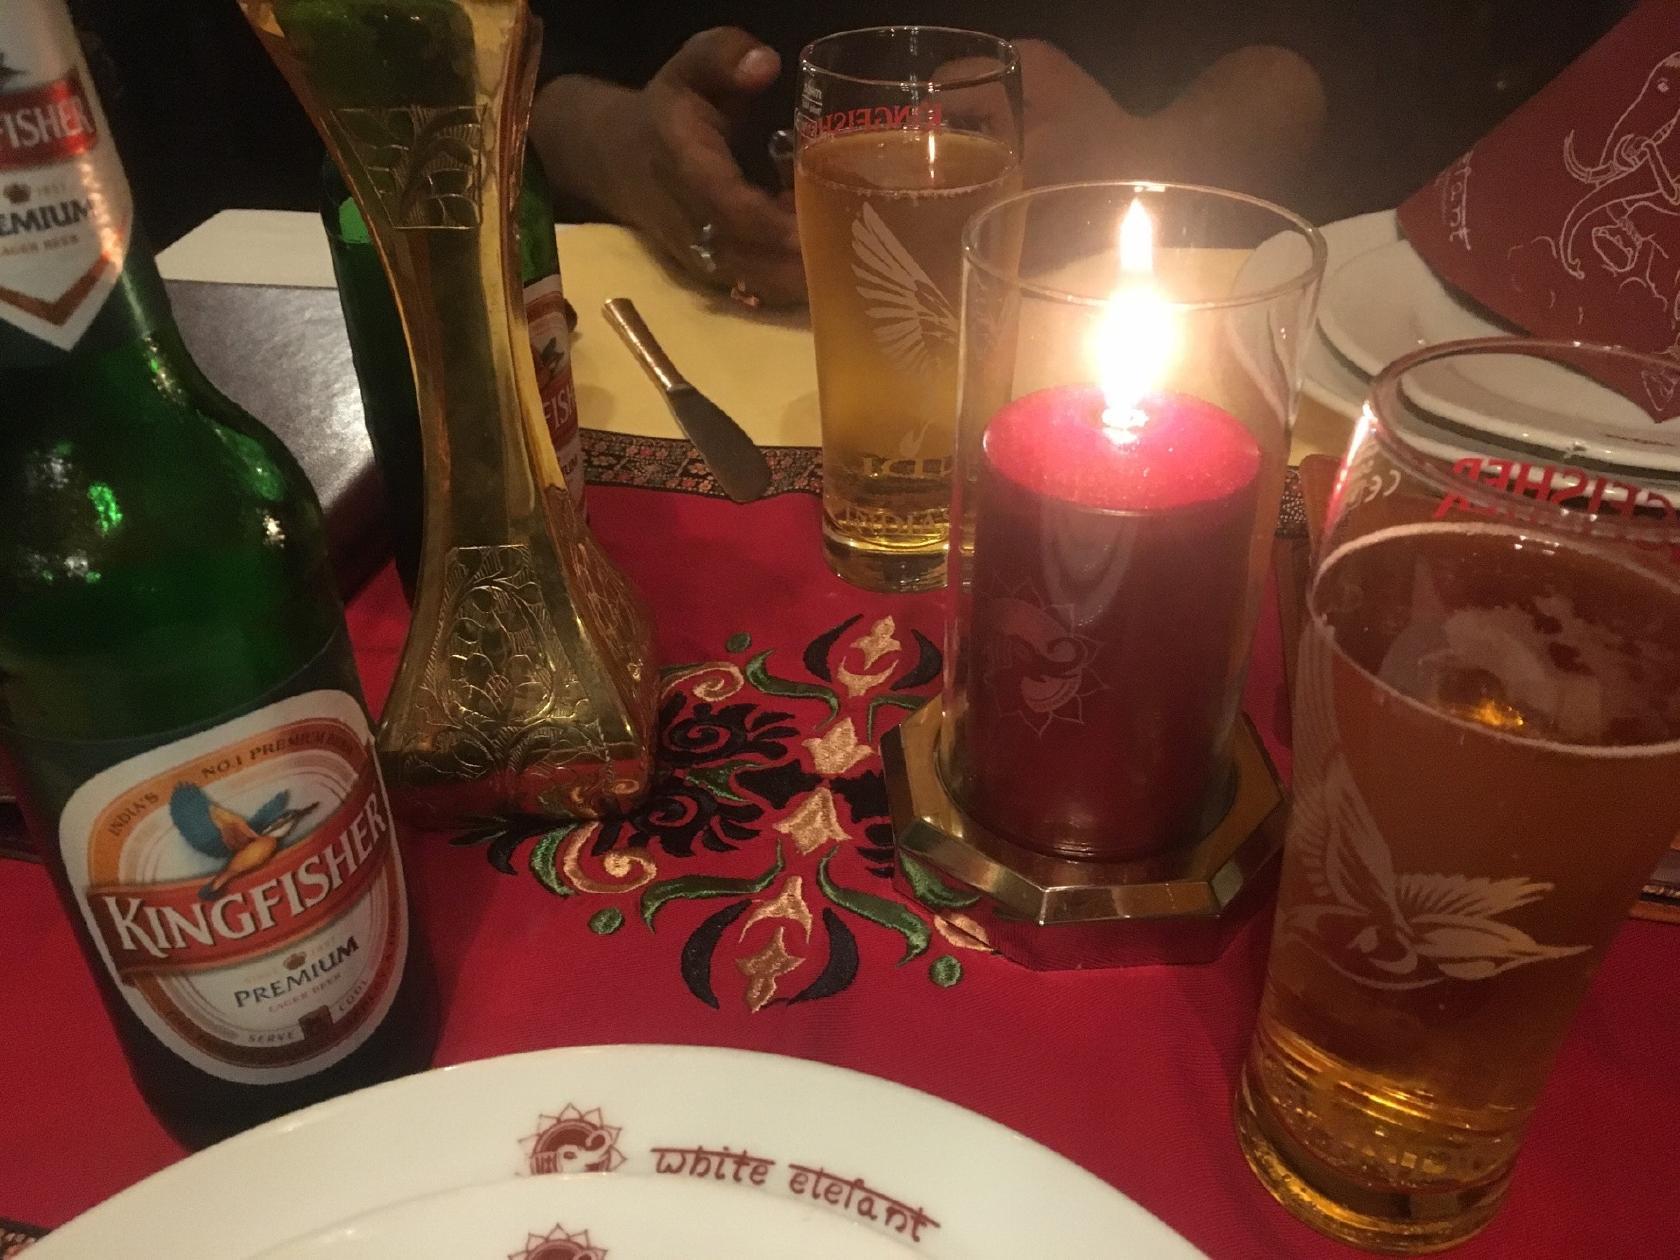 White Elefant restaurant, Offenbach am Main   Restaurantbewertungen